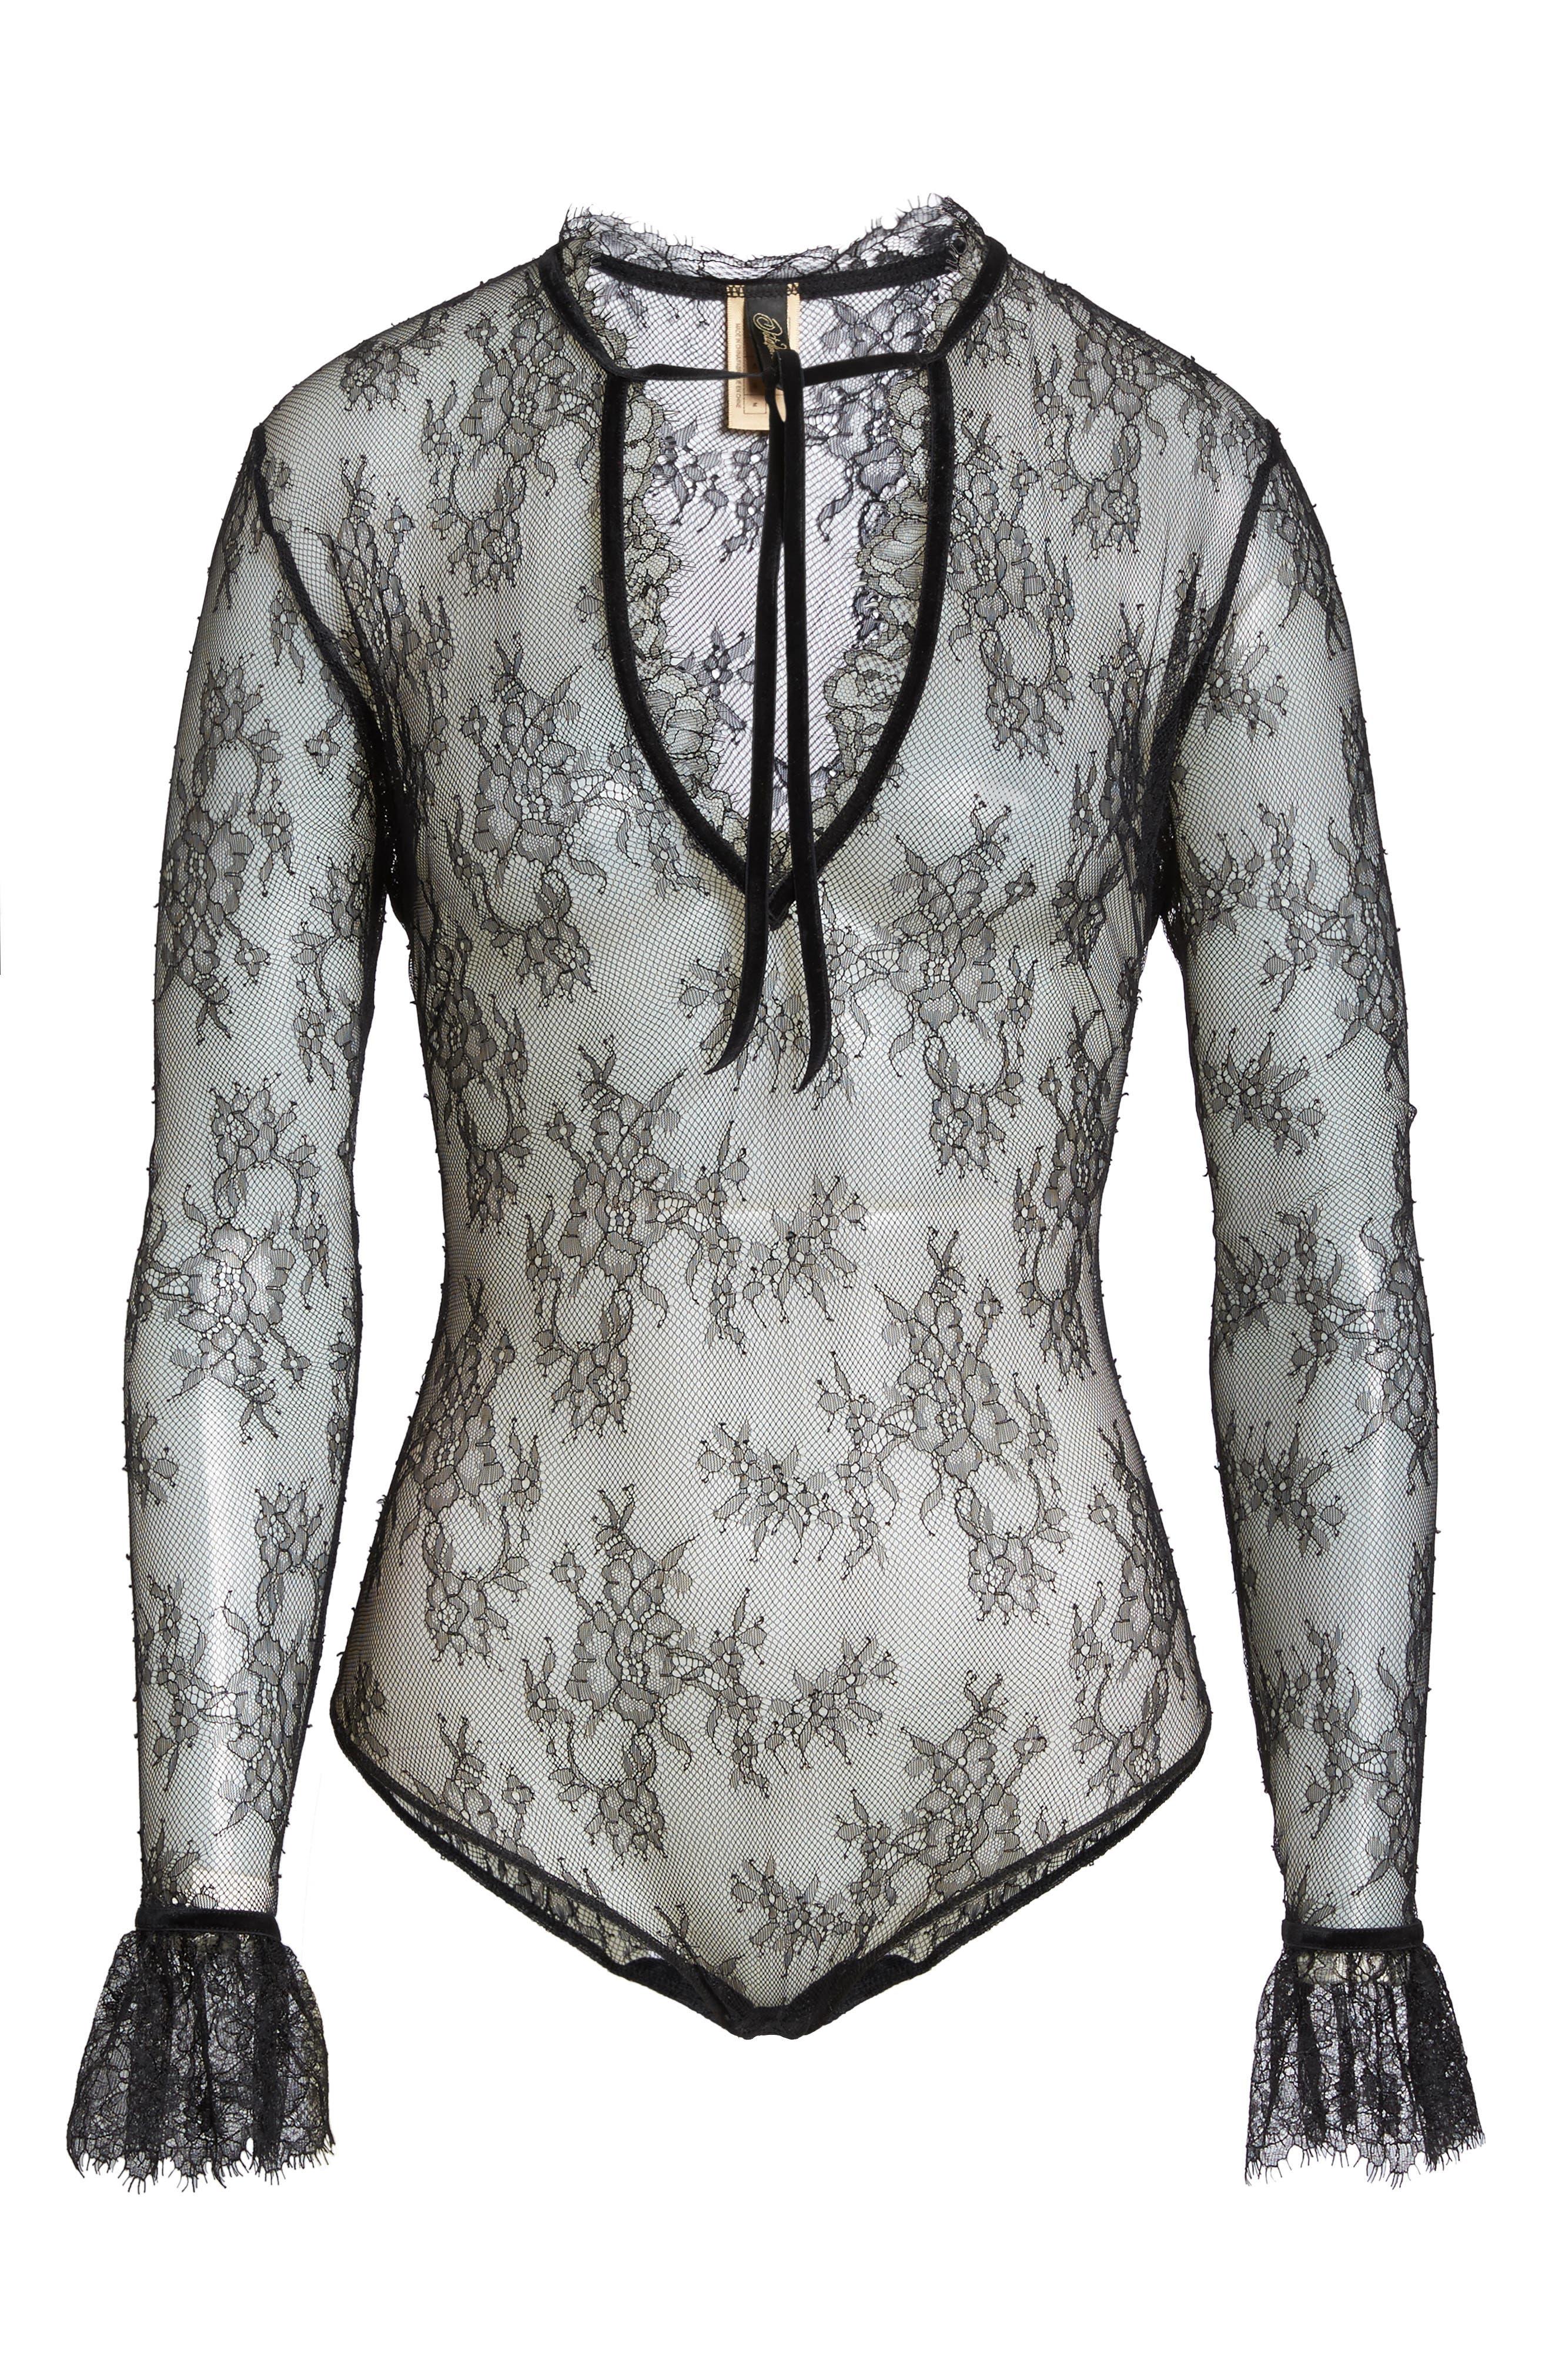 Miss West Lace Bodysuit,                             Alternate thumbnail 4, color,                             Black